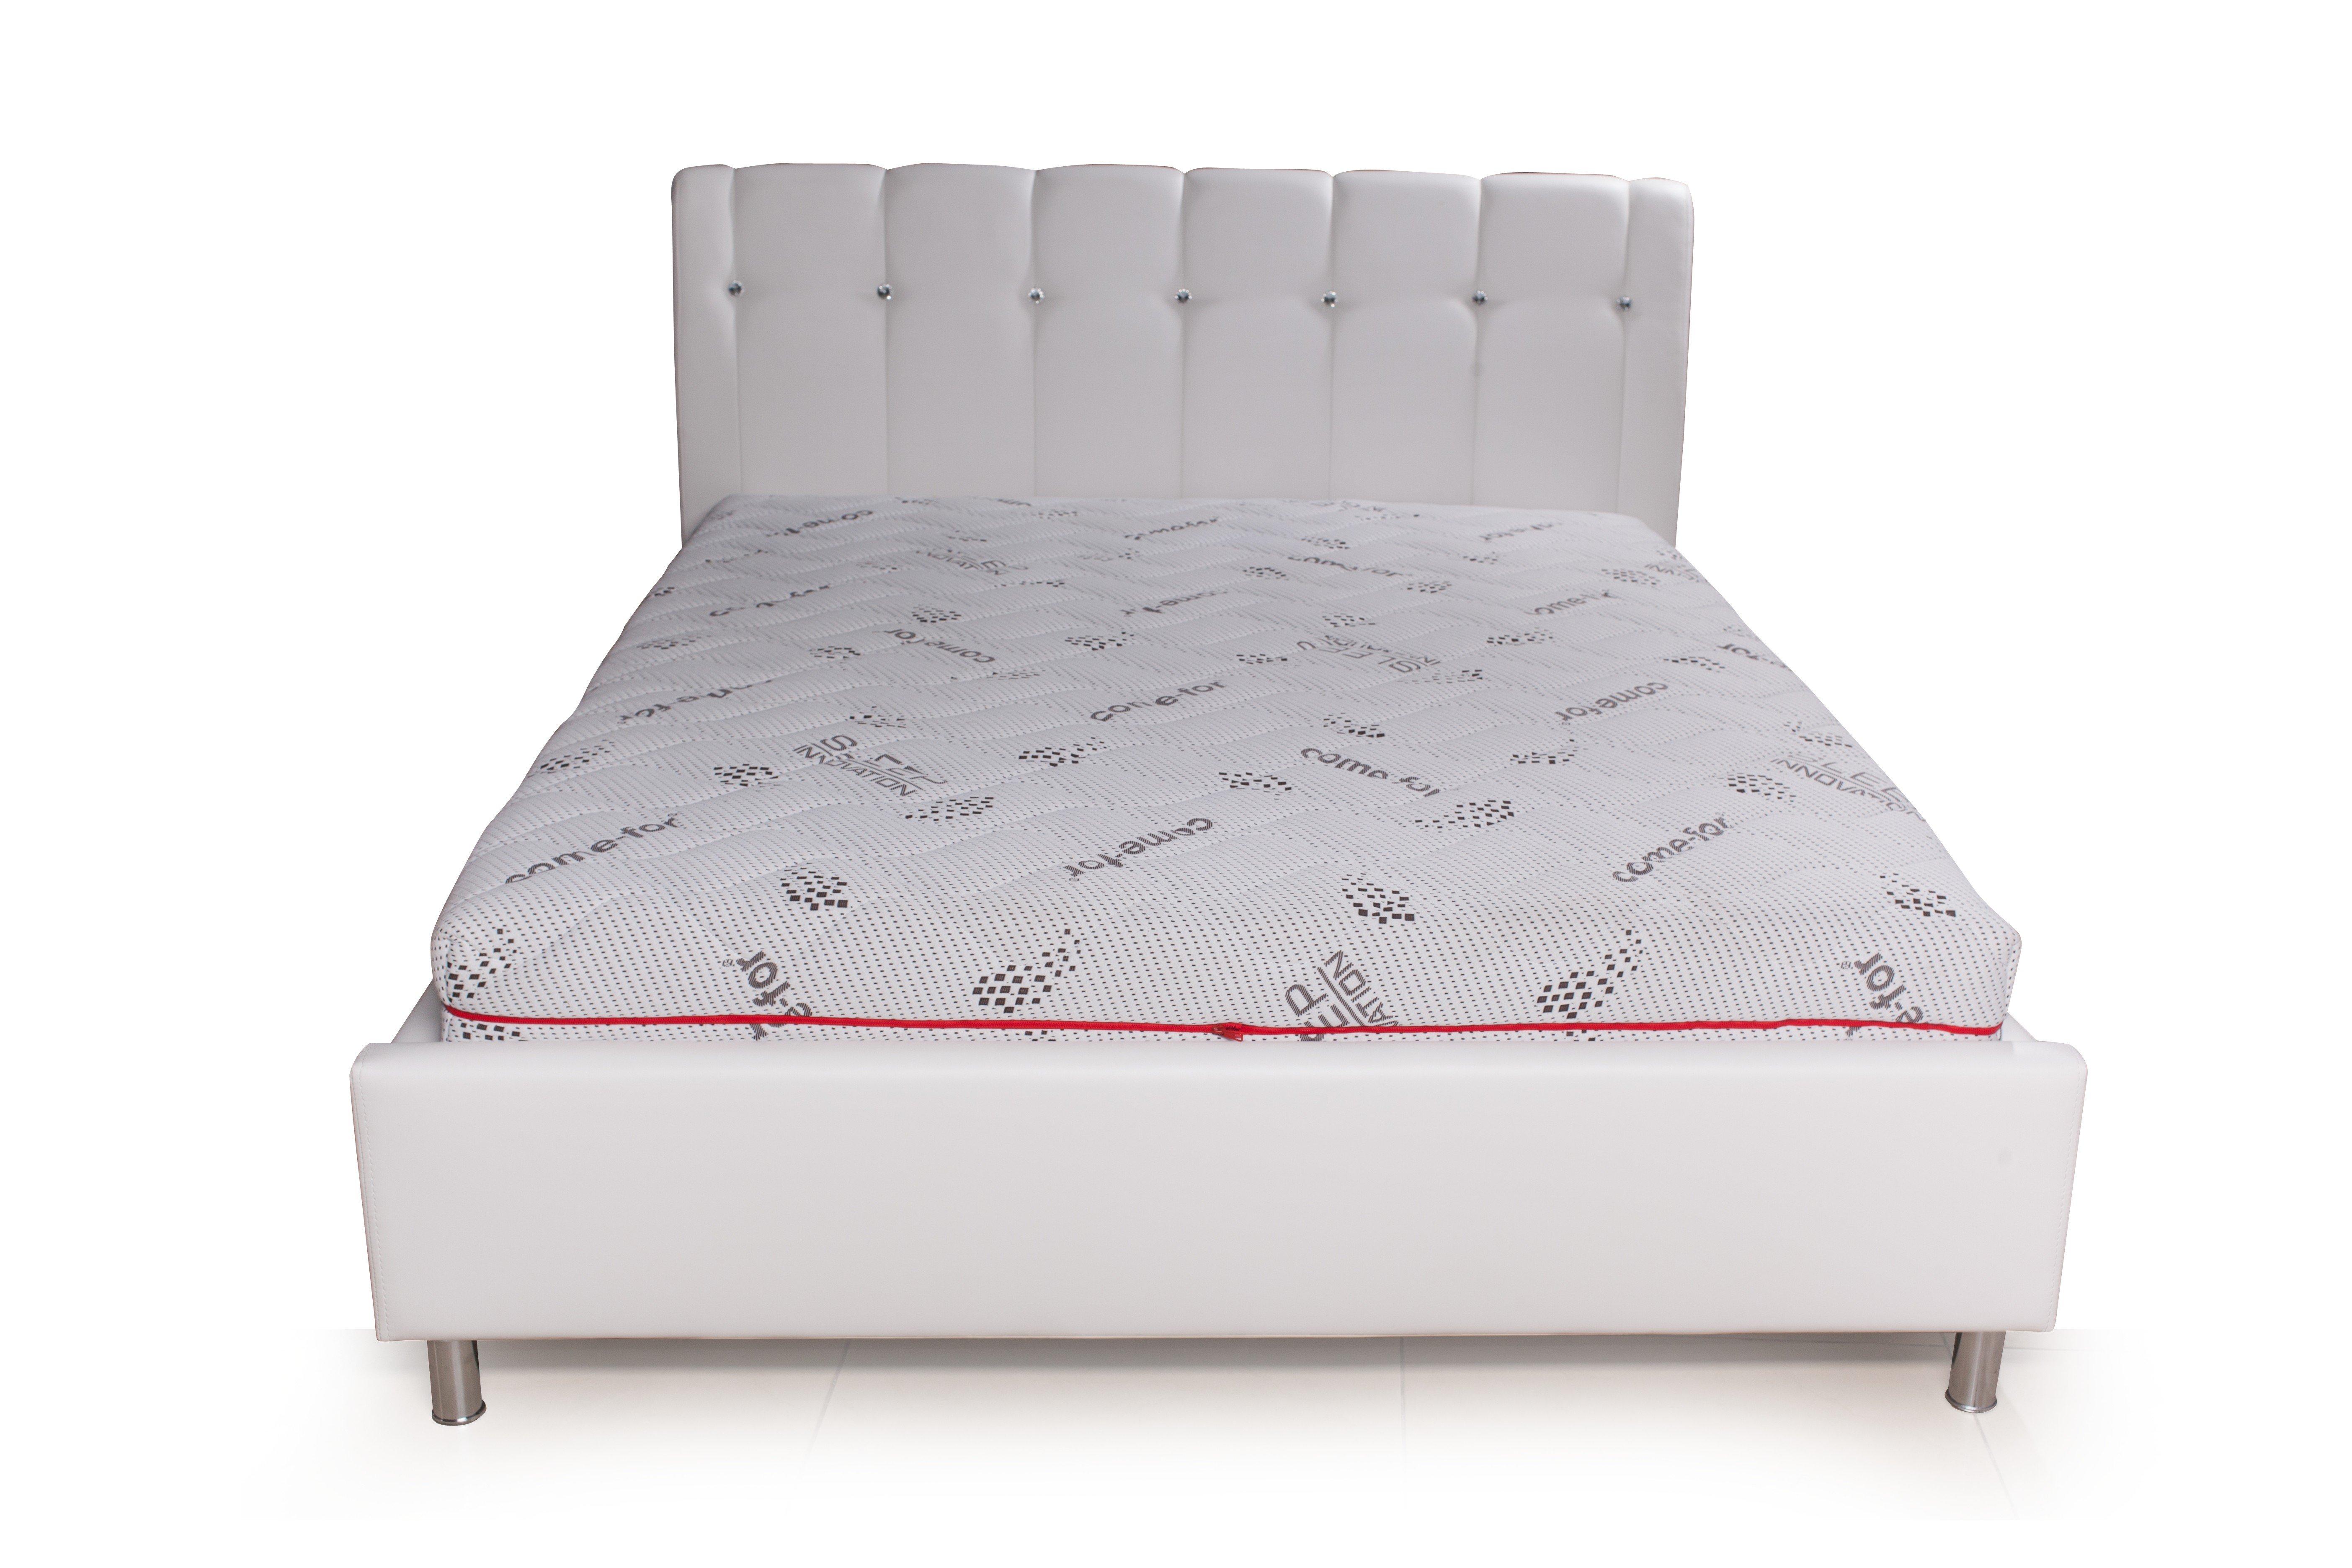 Сделать на кровать мягкое изголовье кровати 71